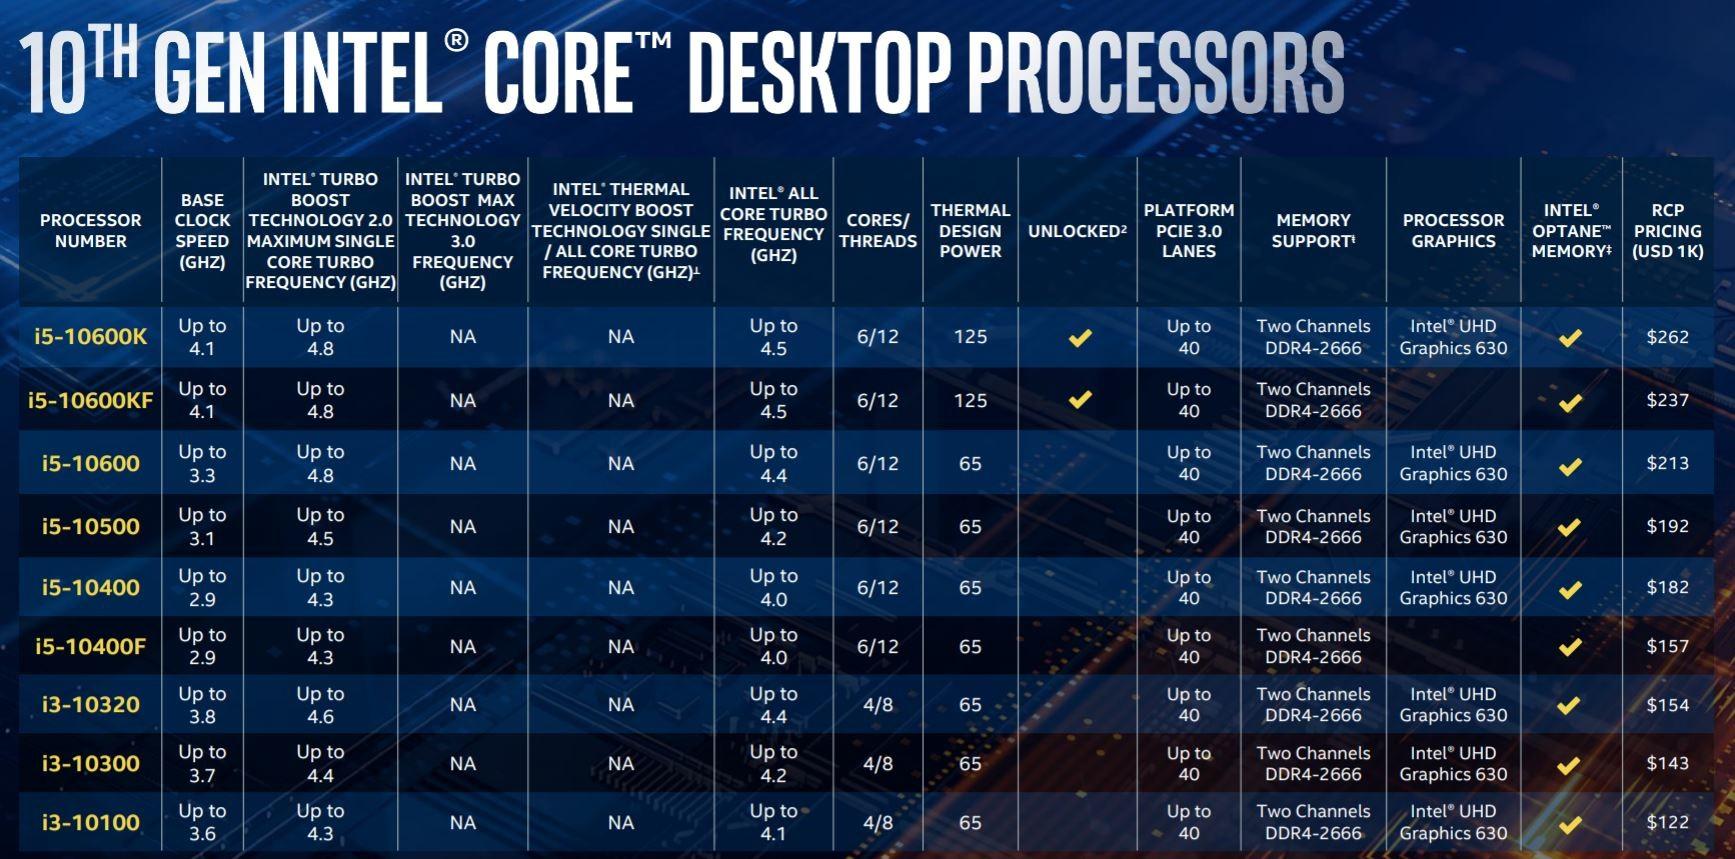 英特爾發布十代酷睿臺式機CPU 最高10核心5.3GHz+超線程|酷睿|臺式機_新浪科技_新浪網